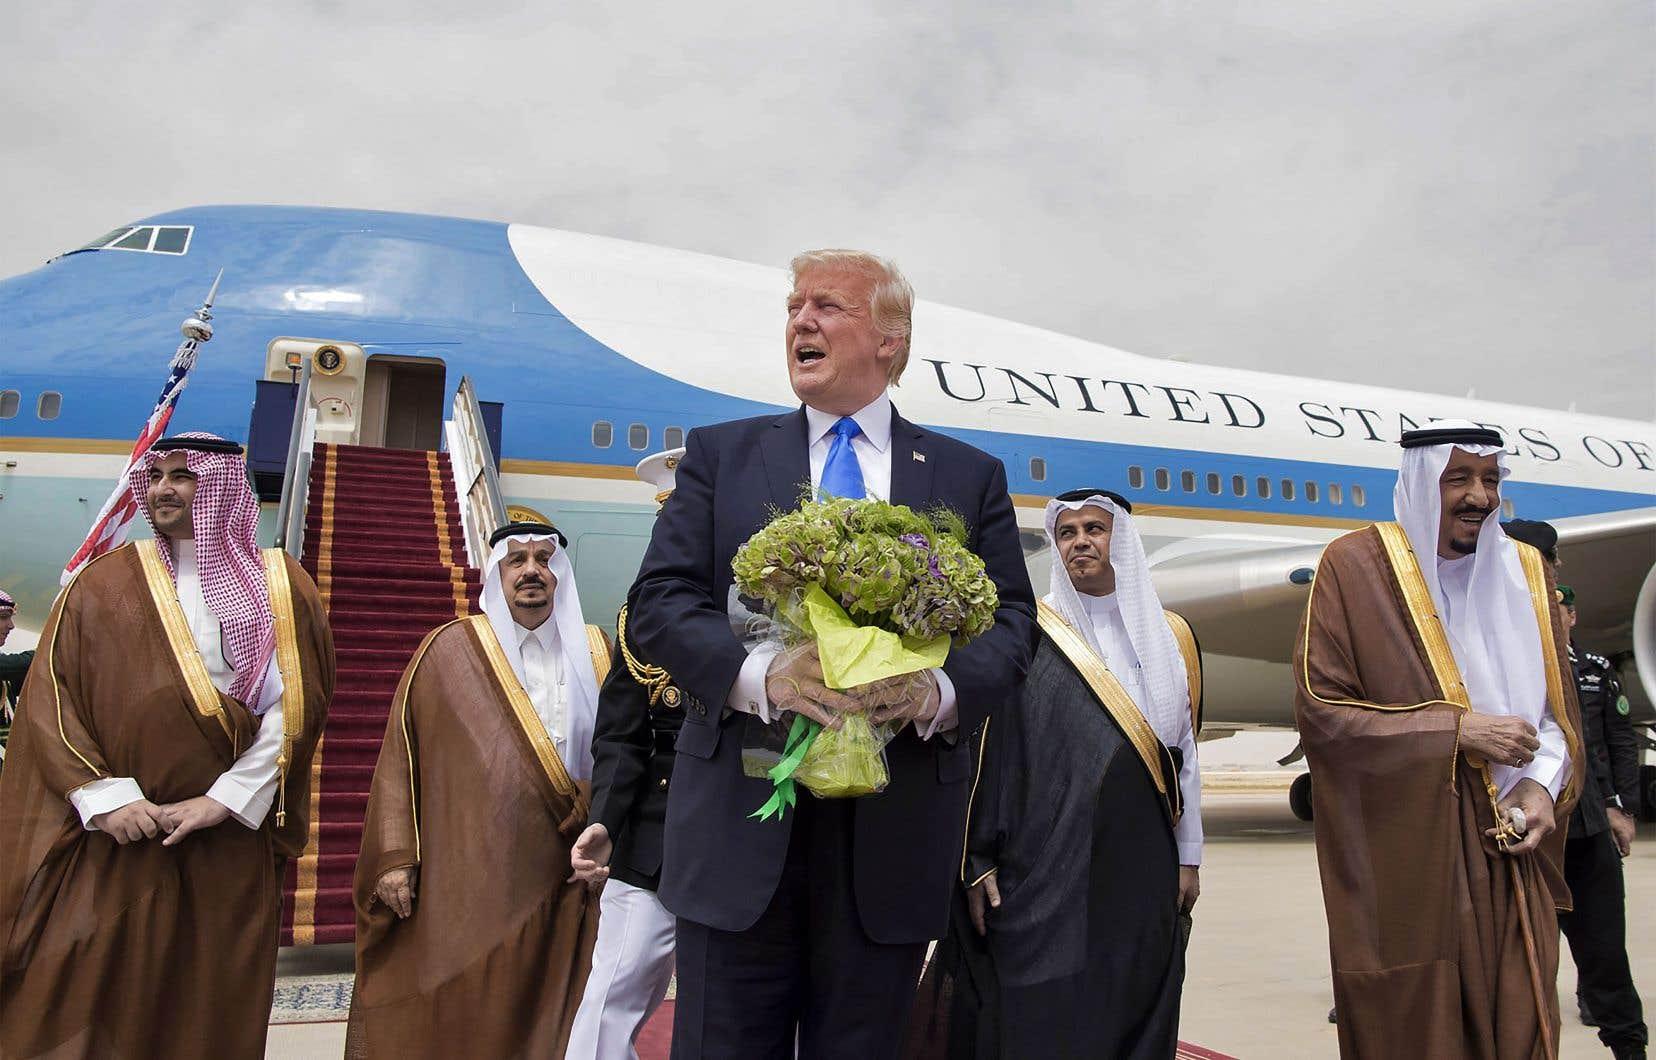 L'adoption de la «doctrine Trump» a été le déclic qui a encouragé l'Arabie saoudite à durcir sa politique régionale à la suite de la visite du président américain en mai.